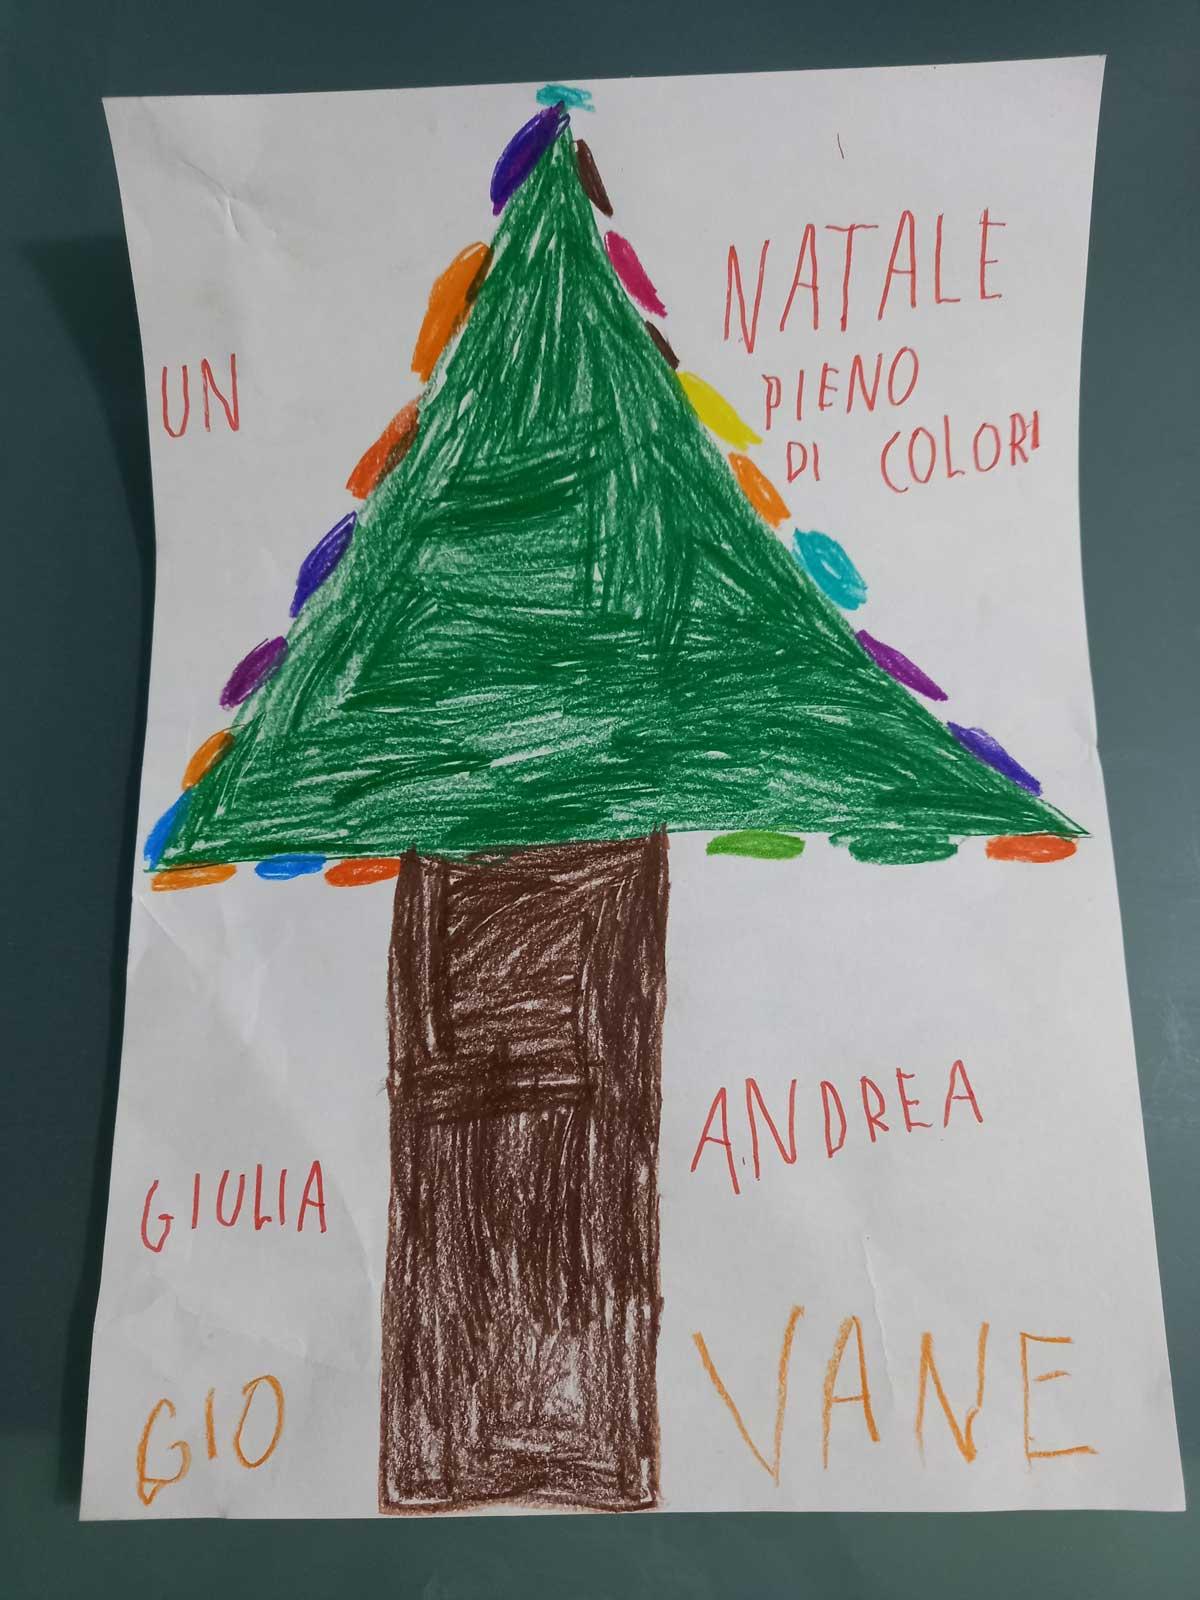 17.-Natale-a-colori_Giovanni